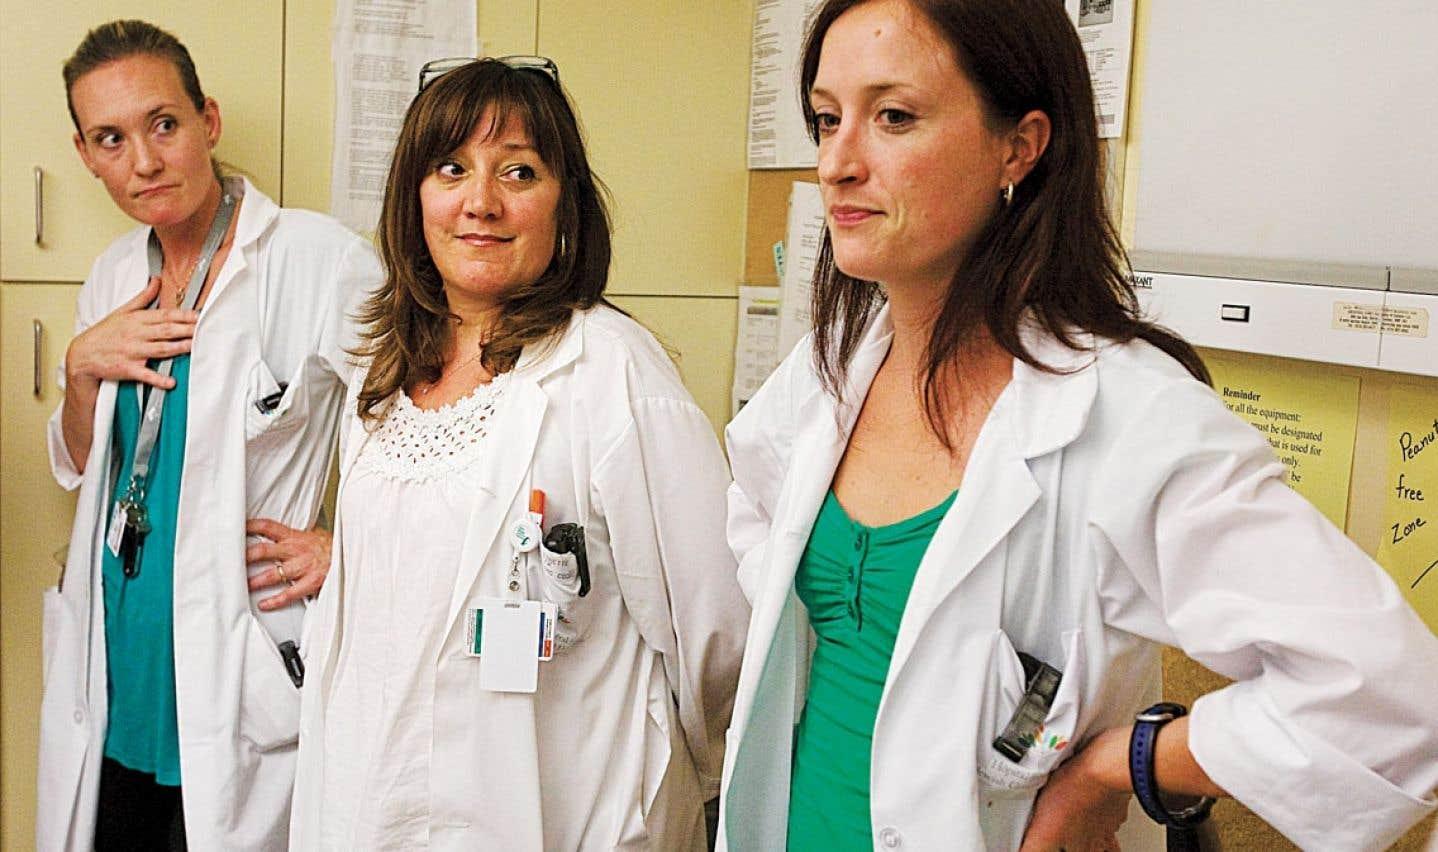 Selon les chiffres de l'OIIQ, le nombre d'infirmières bachelières augmente d'un peu moins d'un point de pourcentage depuis 1992.